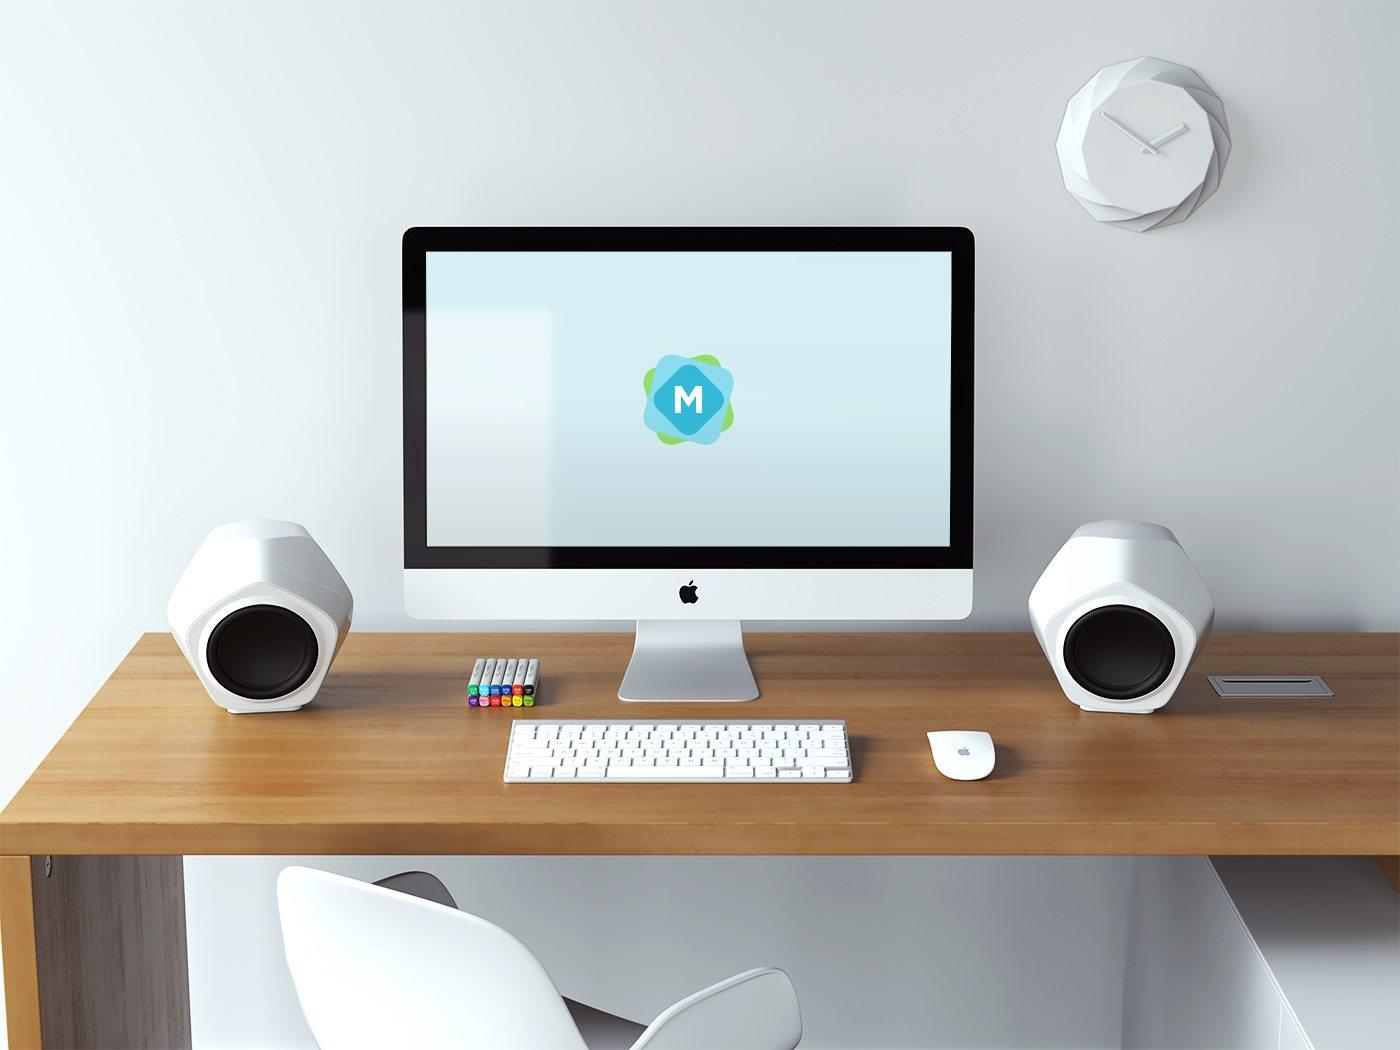 retina-imac-creative-desk-mockup 40+ iMac Mockup PSDs, Photos & Vectors design tips